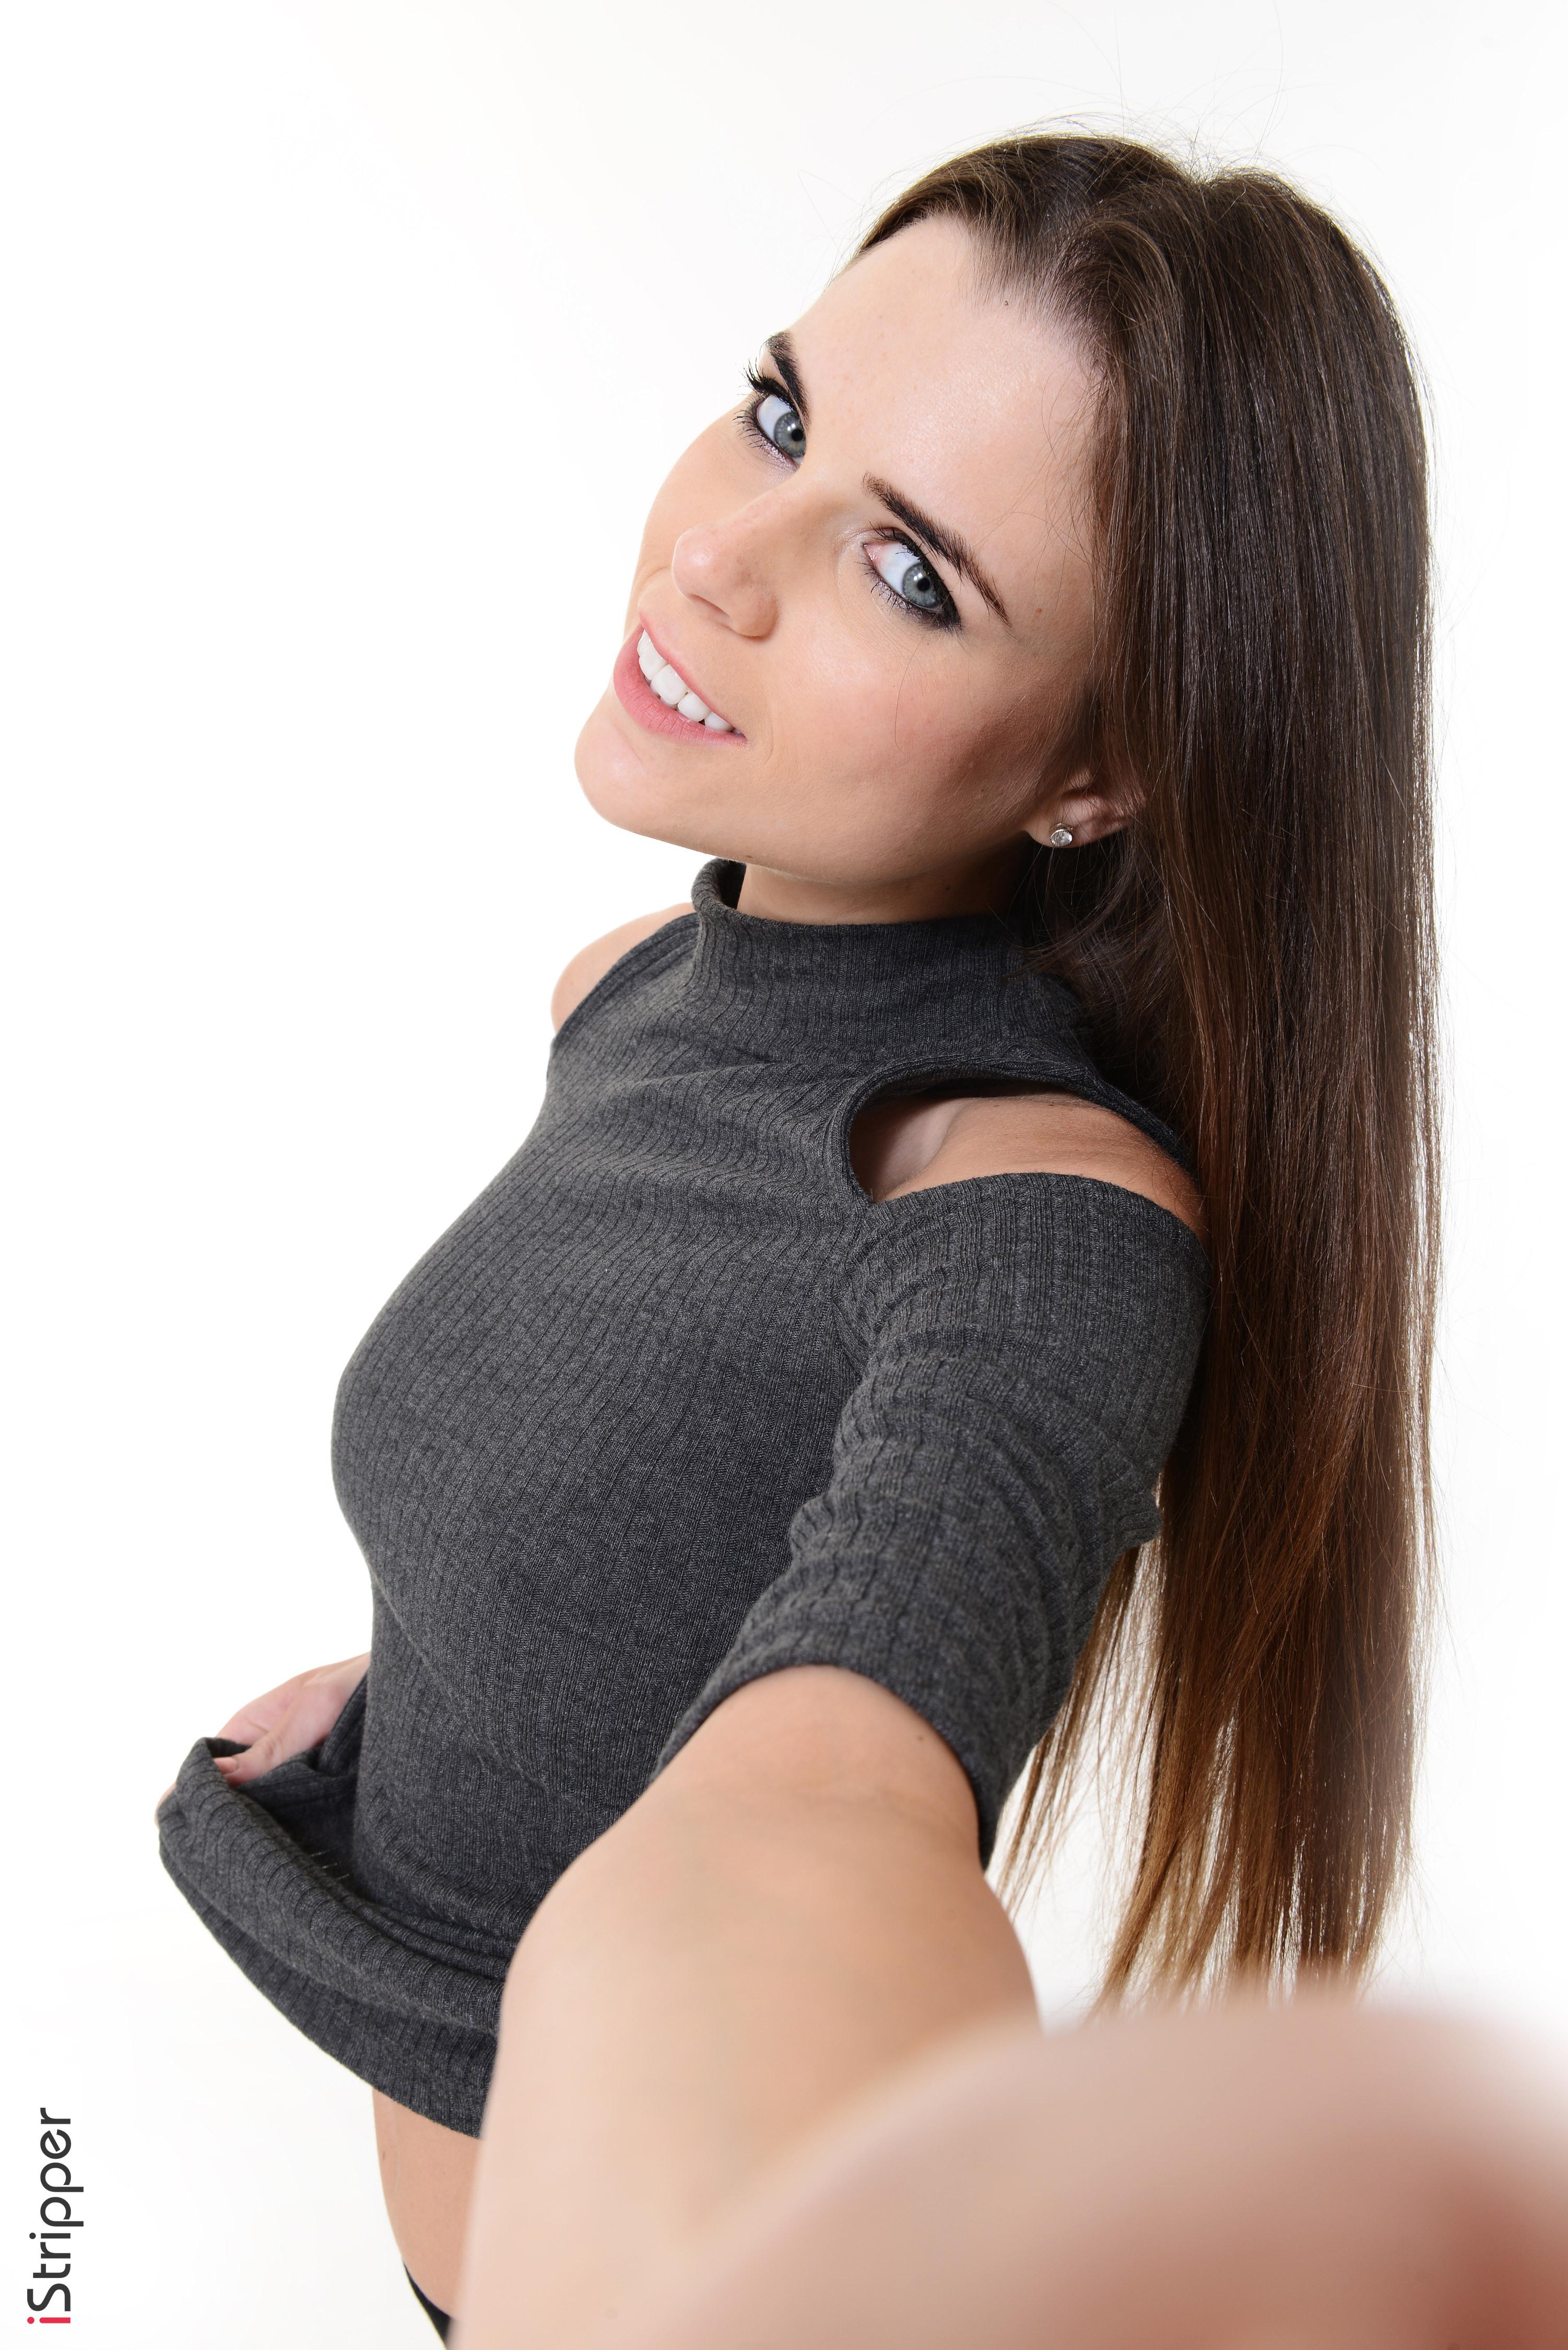 sexy wallpaper boobs